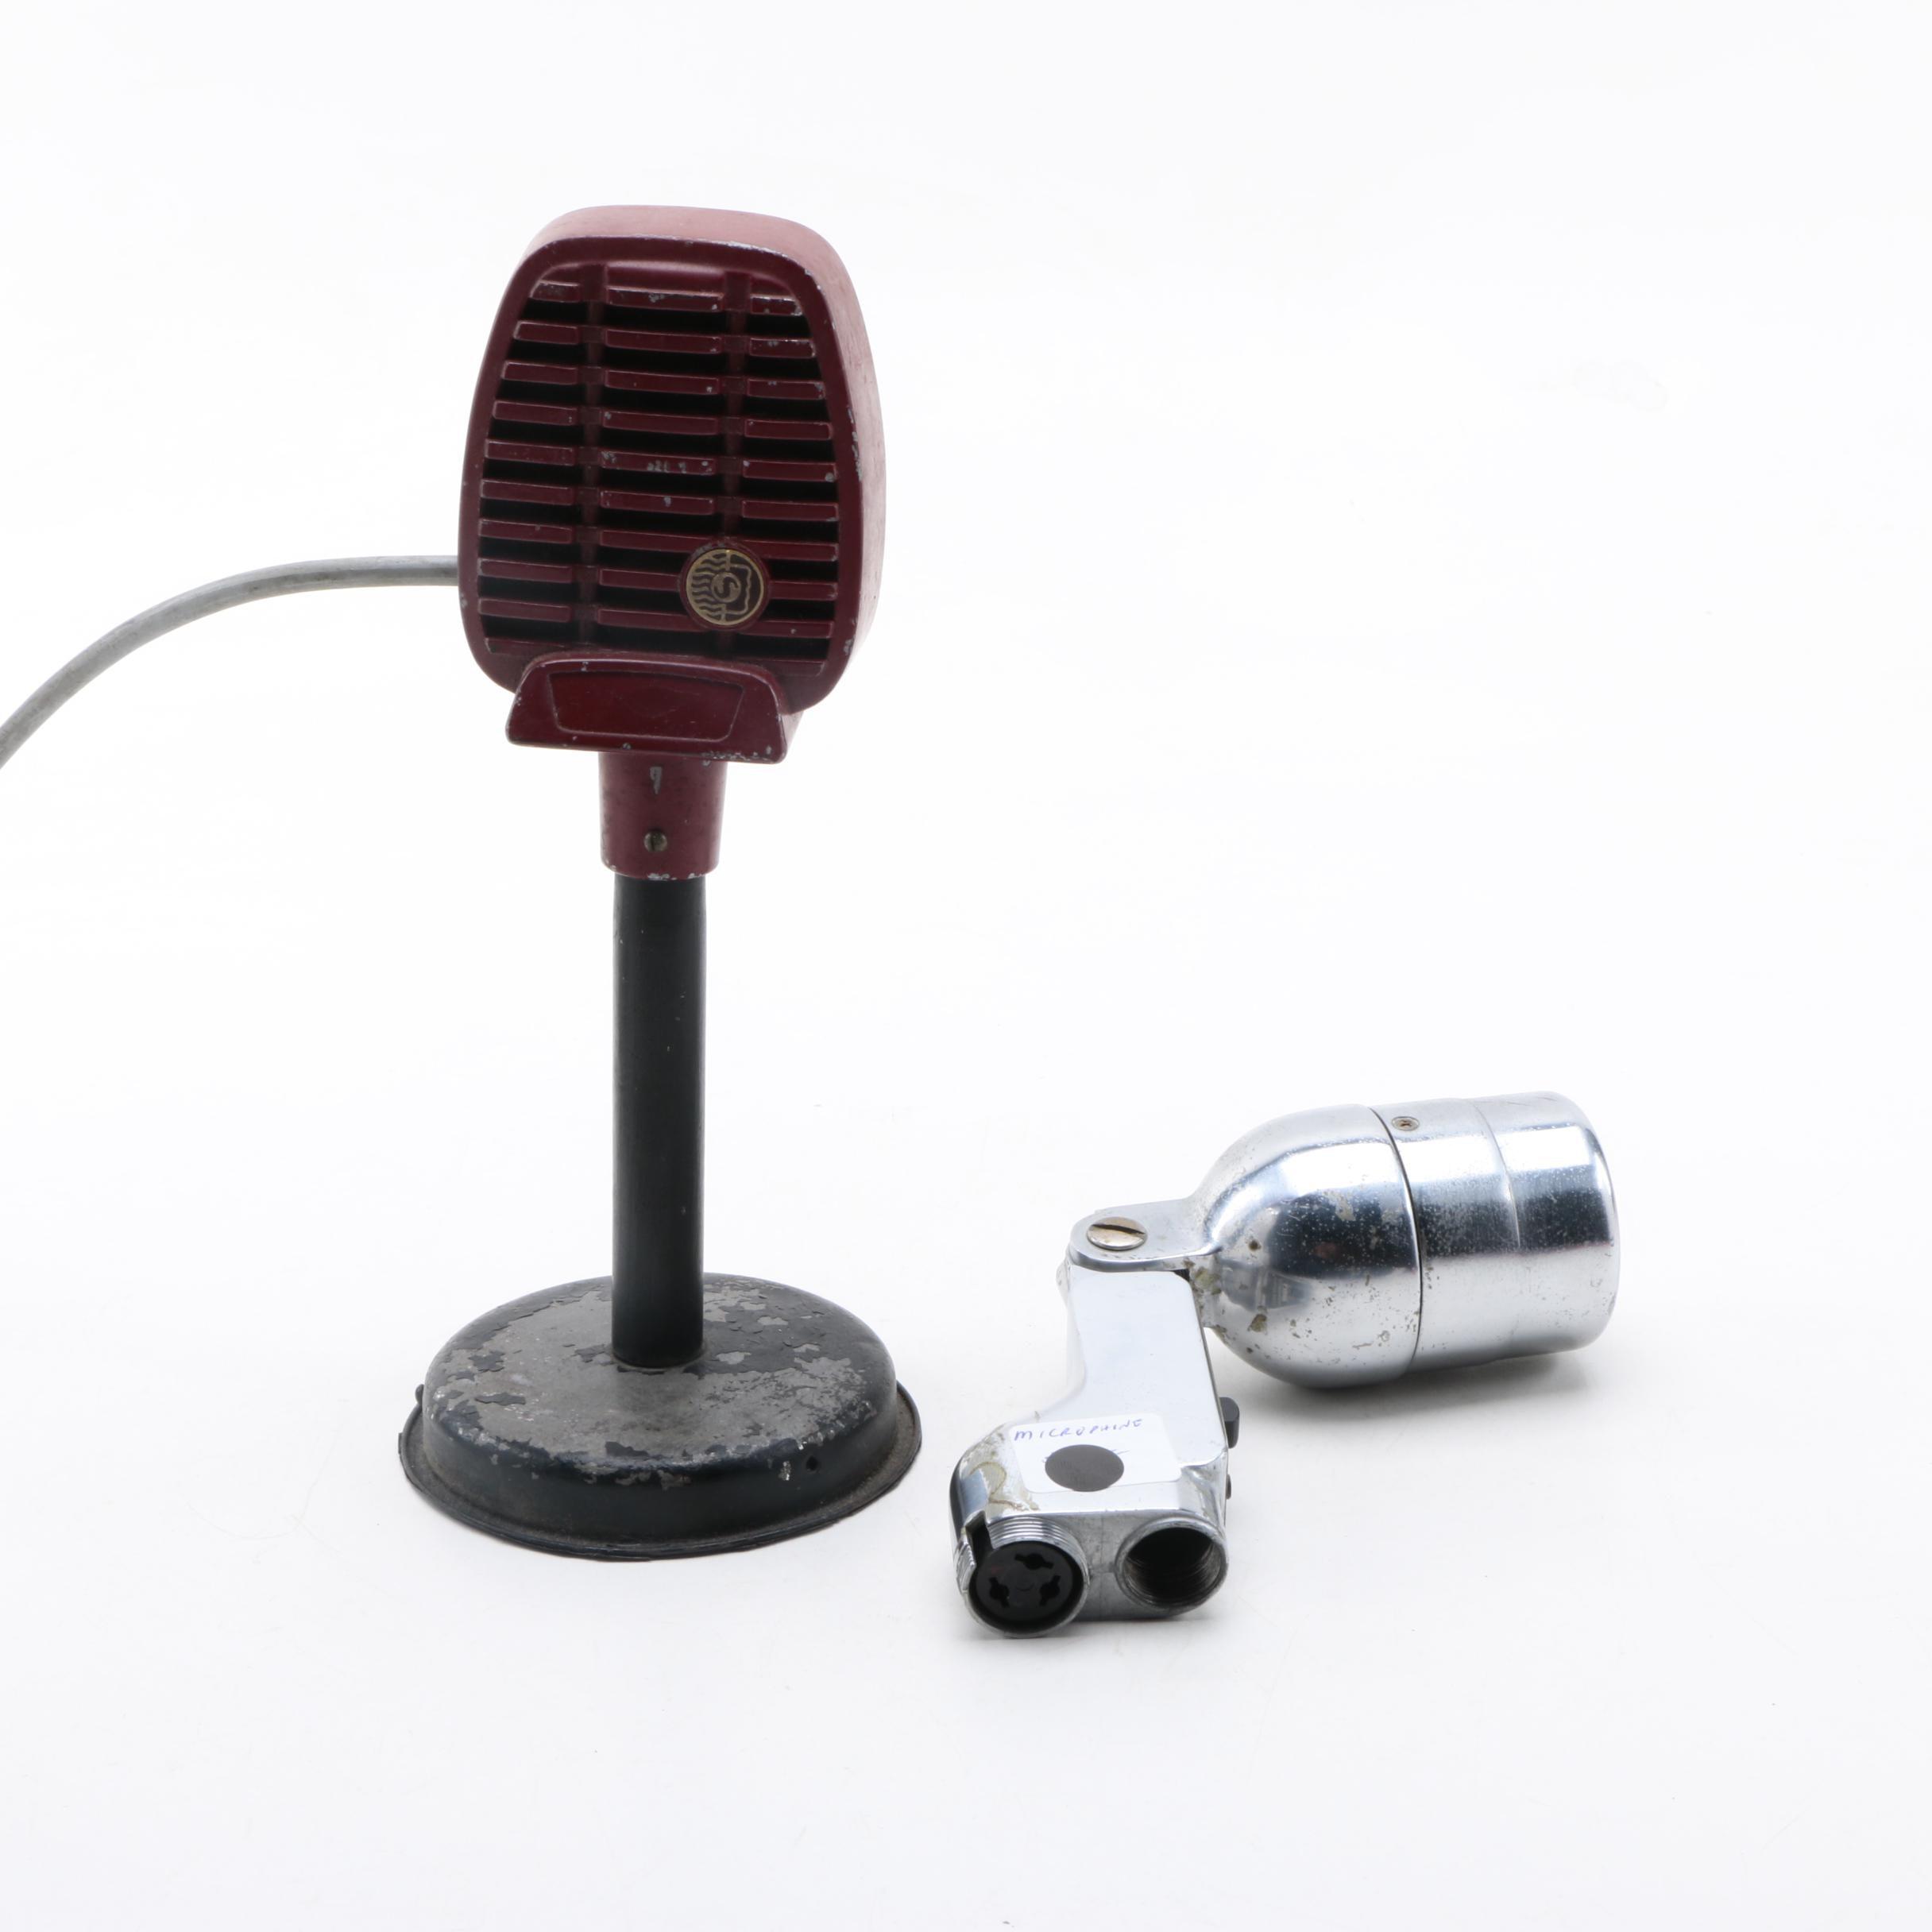 Two Vintage Microphones